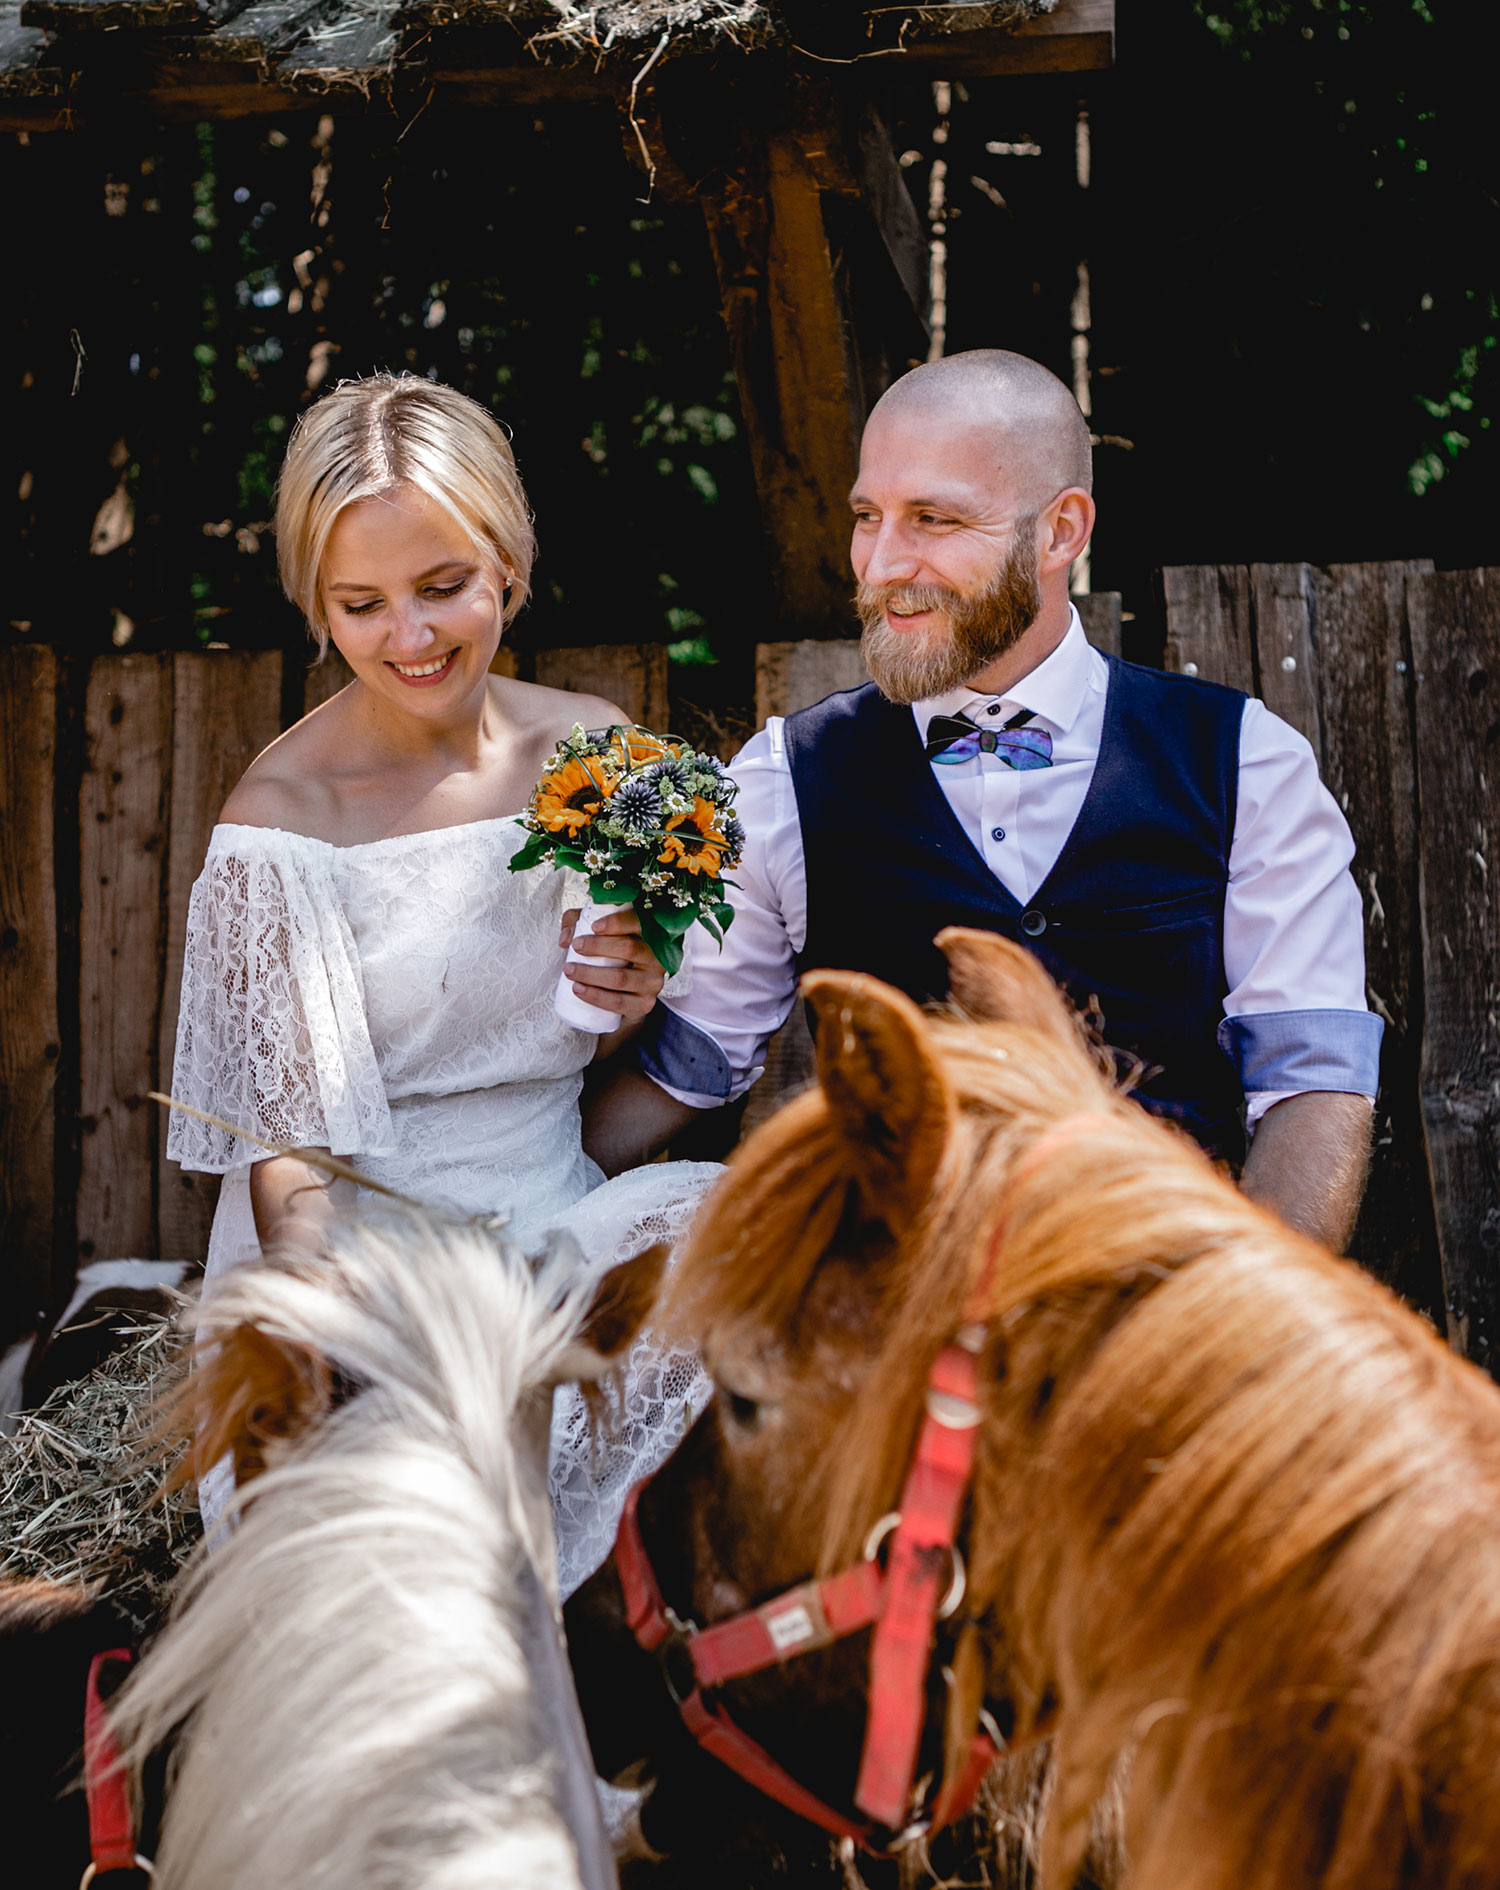 Die traumhafte Hochzeit von Ricarda und Georg auf Gut Aiderbichl inmitten der geretteten Tiere